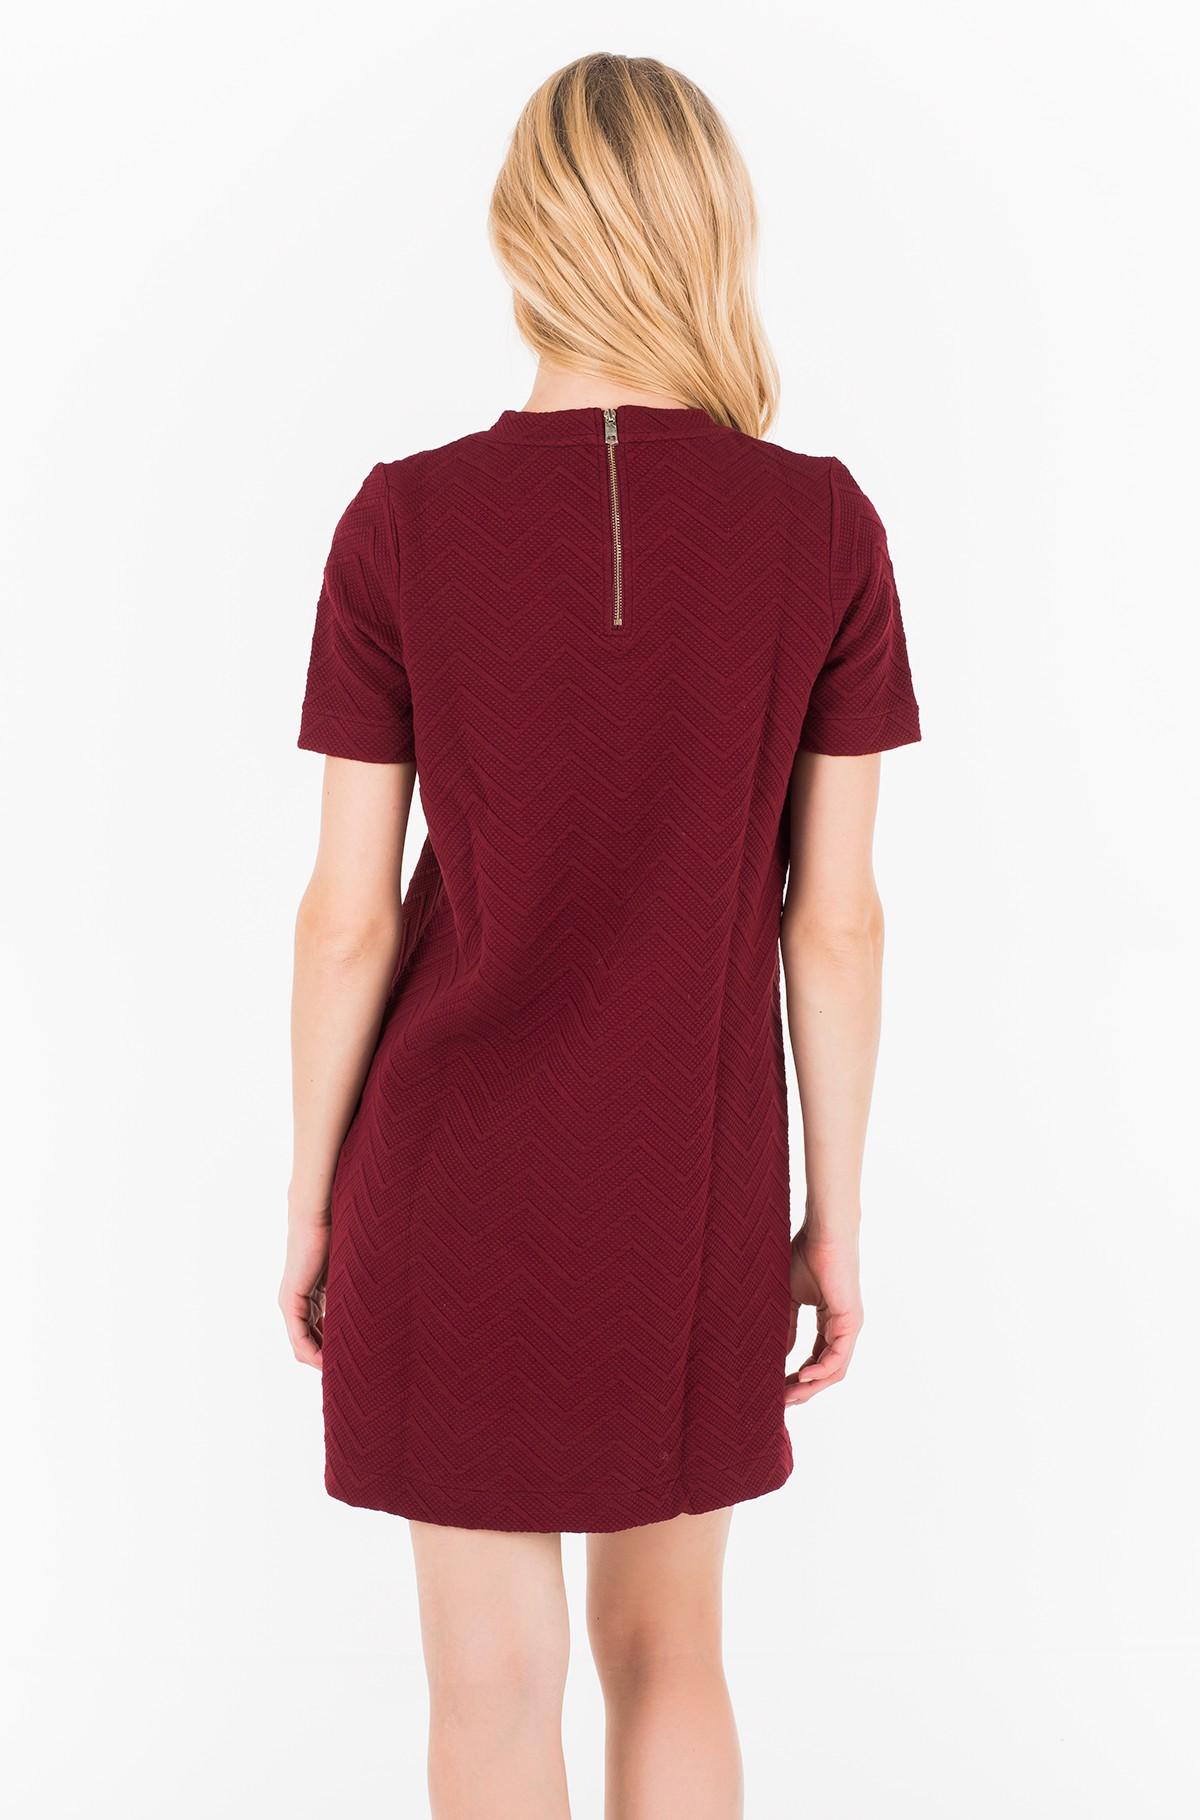 Suknelė NAOMI C-NK DRESS 1/2 SLV-full-2